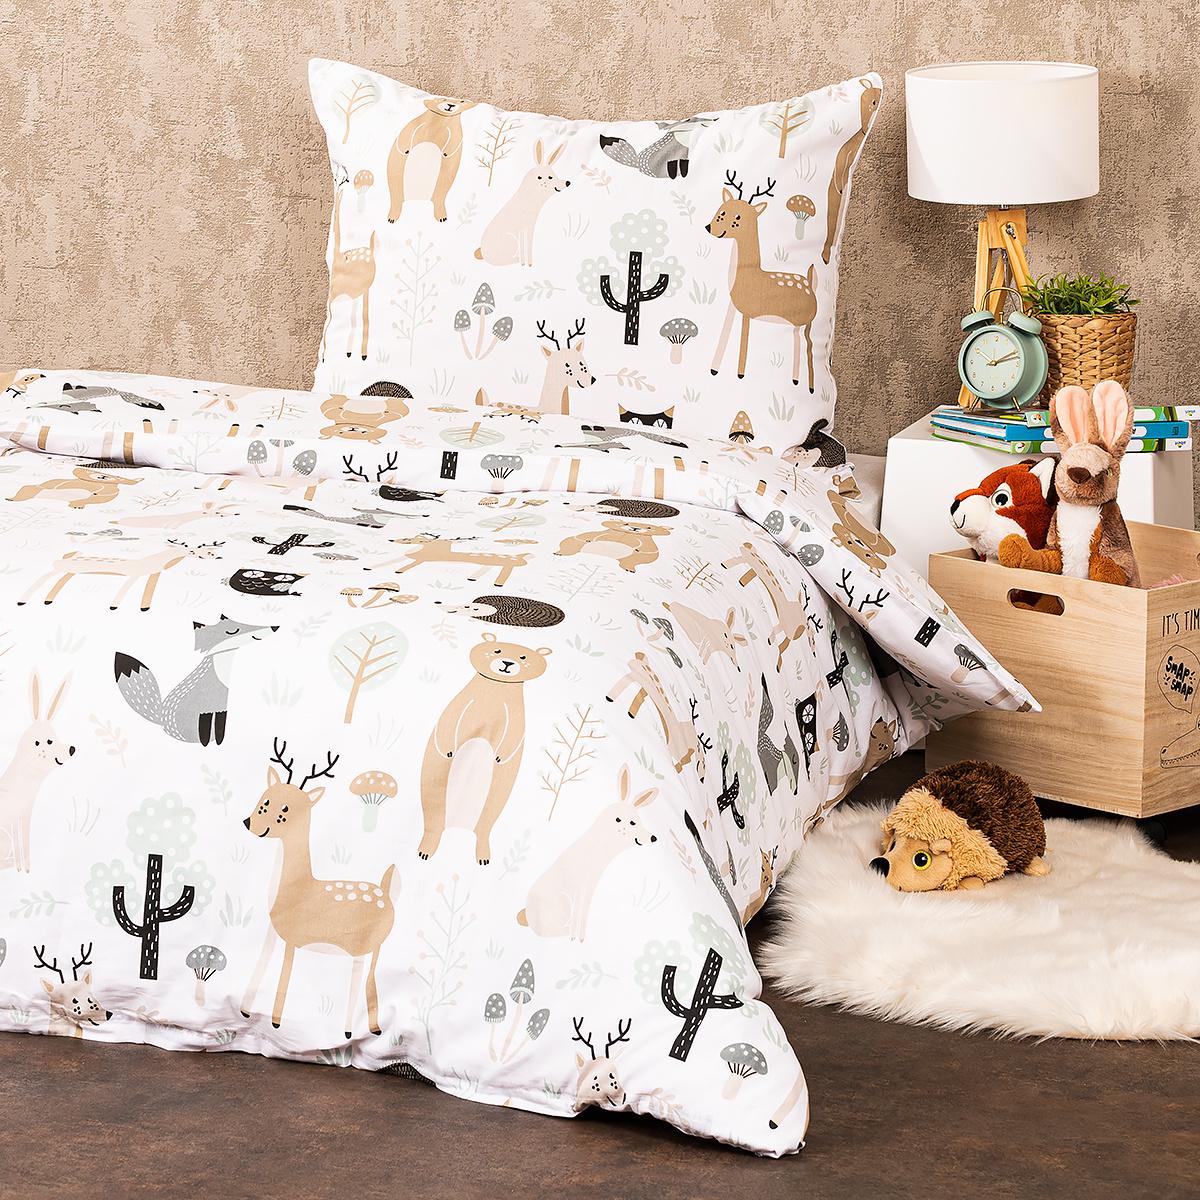 4Home Bavlnené obliečky Nordic Friends, 140 x 200 cm, 70 x 90 cm, 140 x 200 cm, 70 x 90 cm